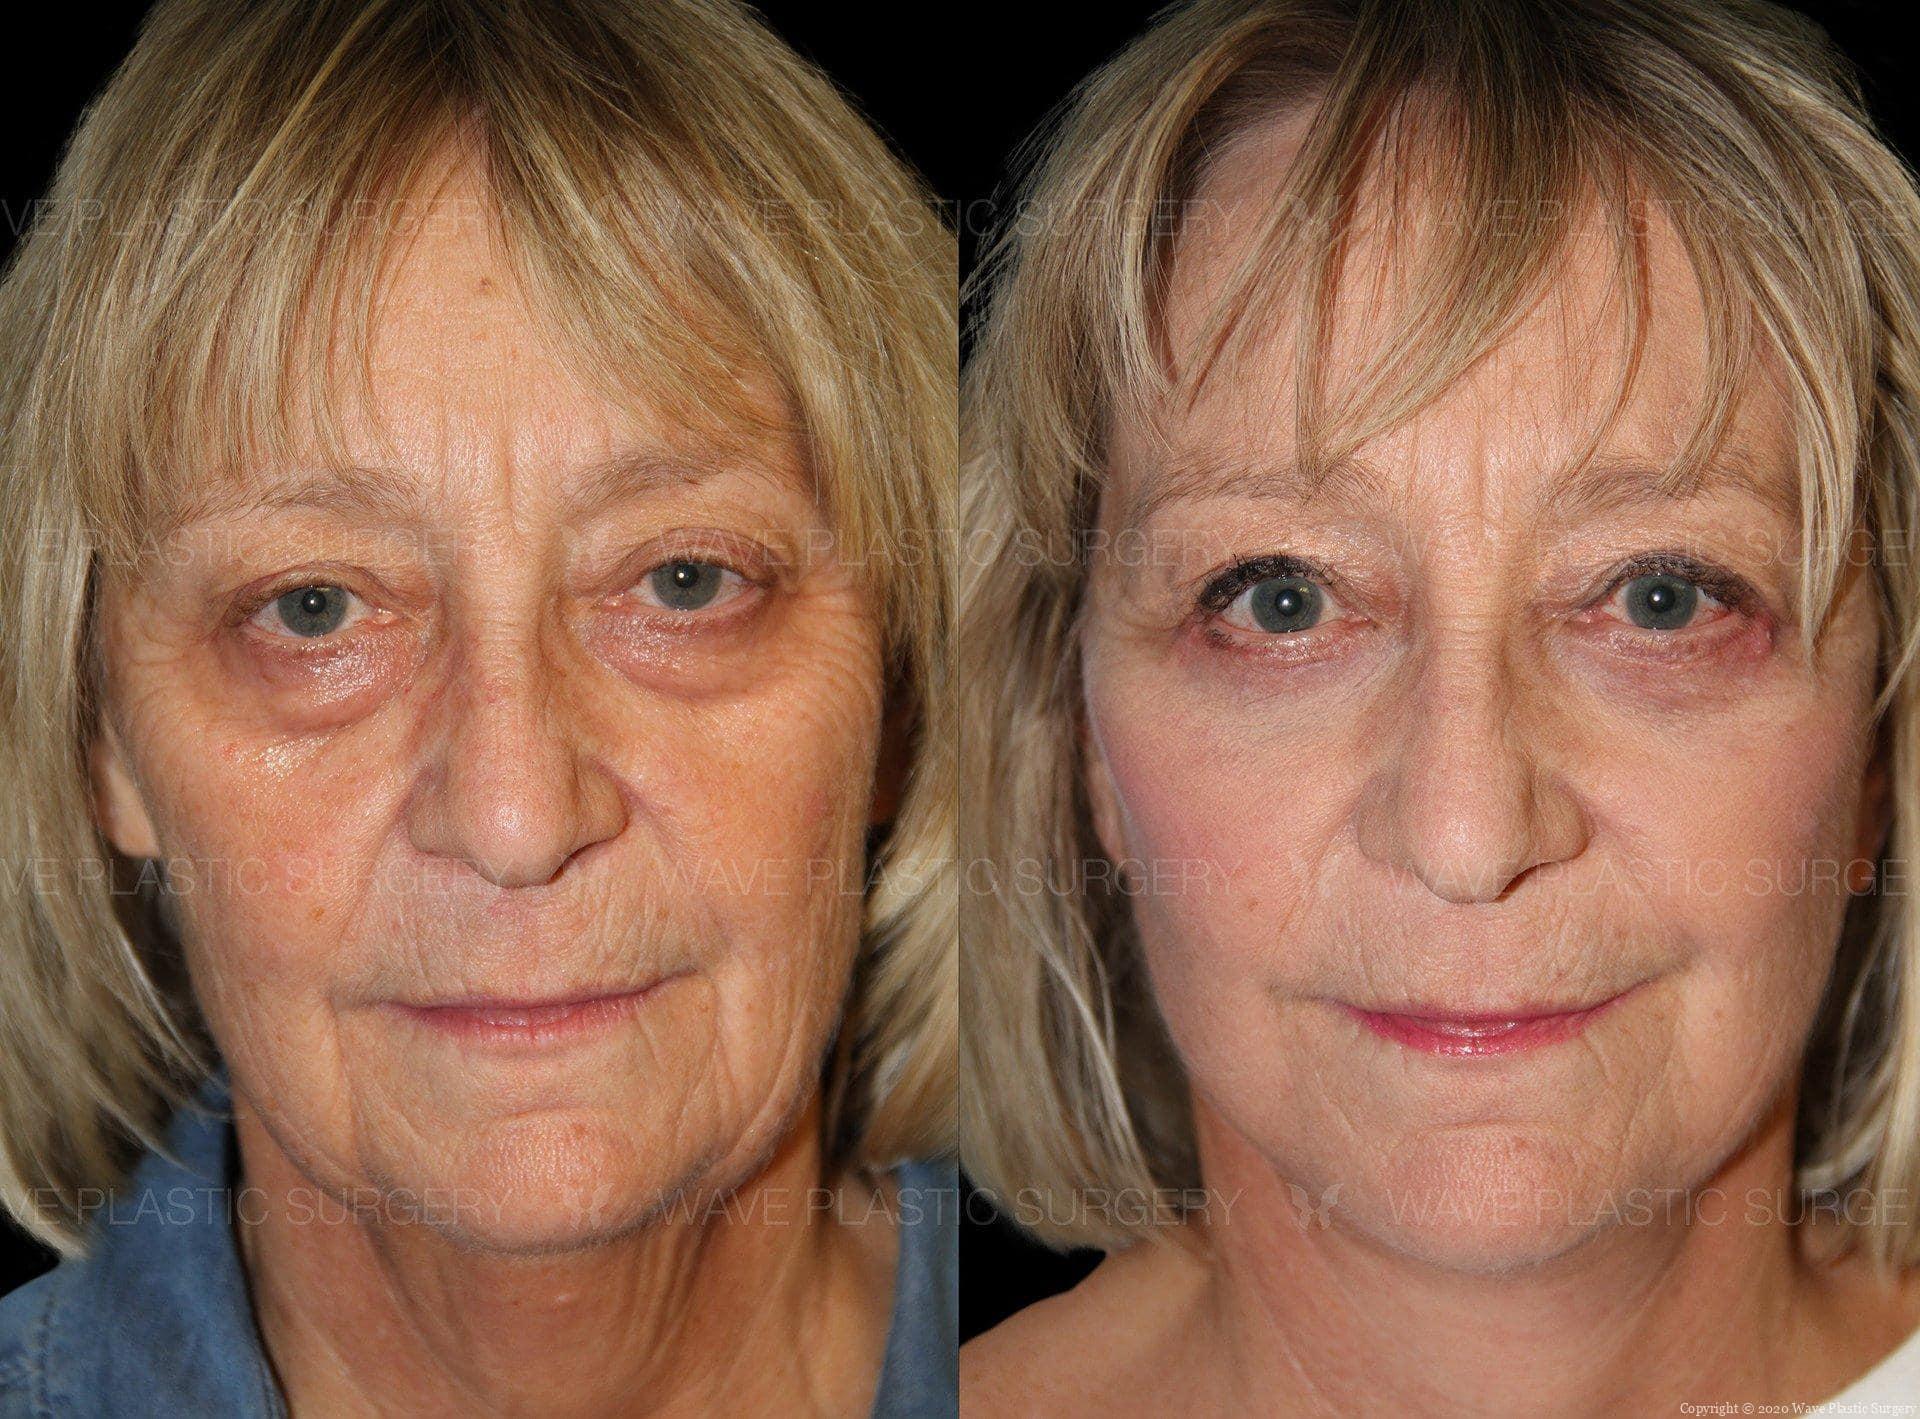 Curelift Facelifts Facial Surgery 1